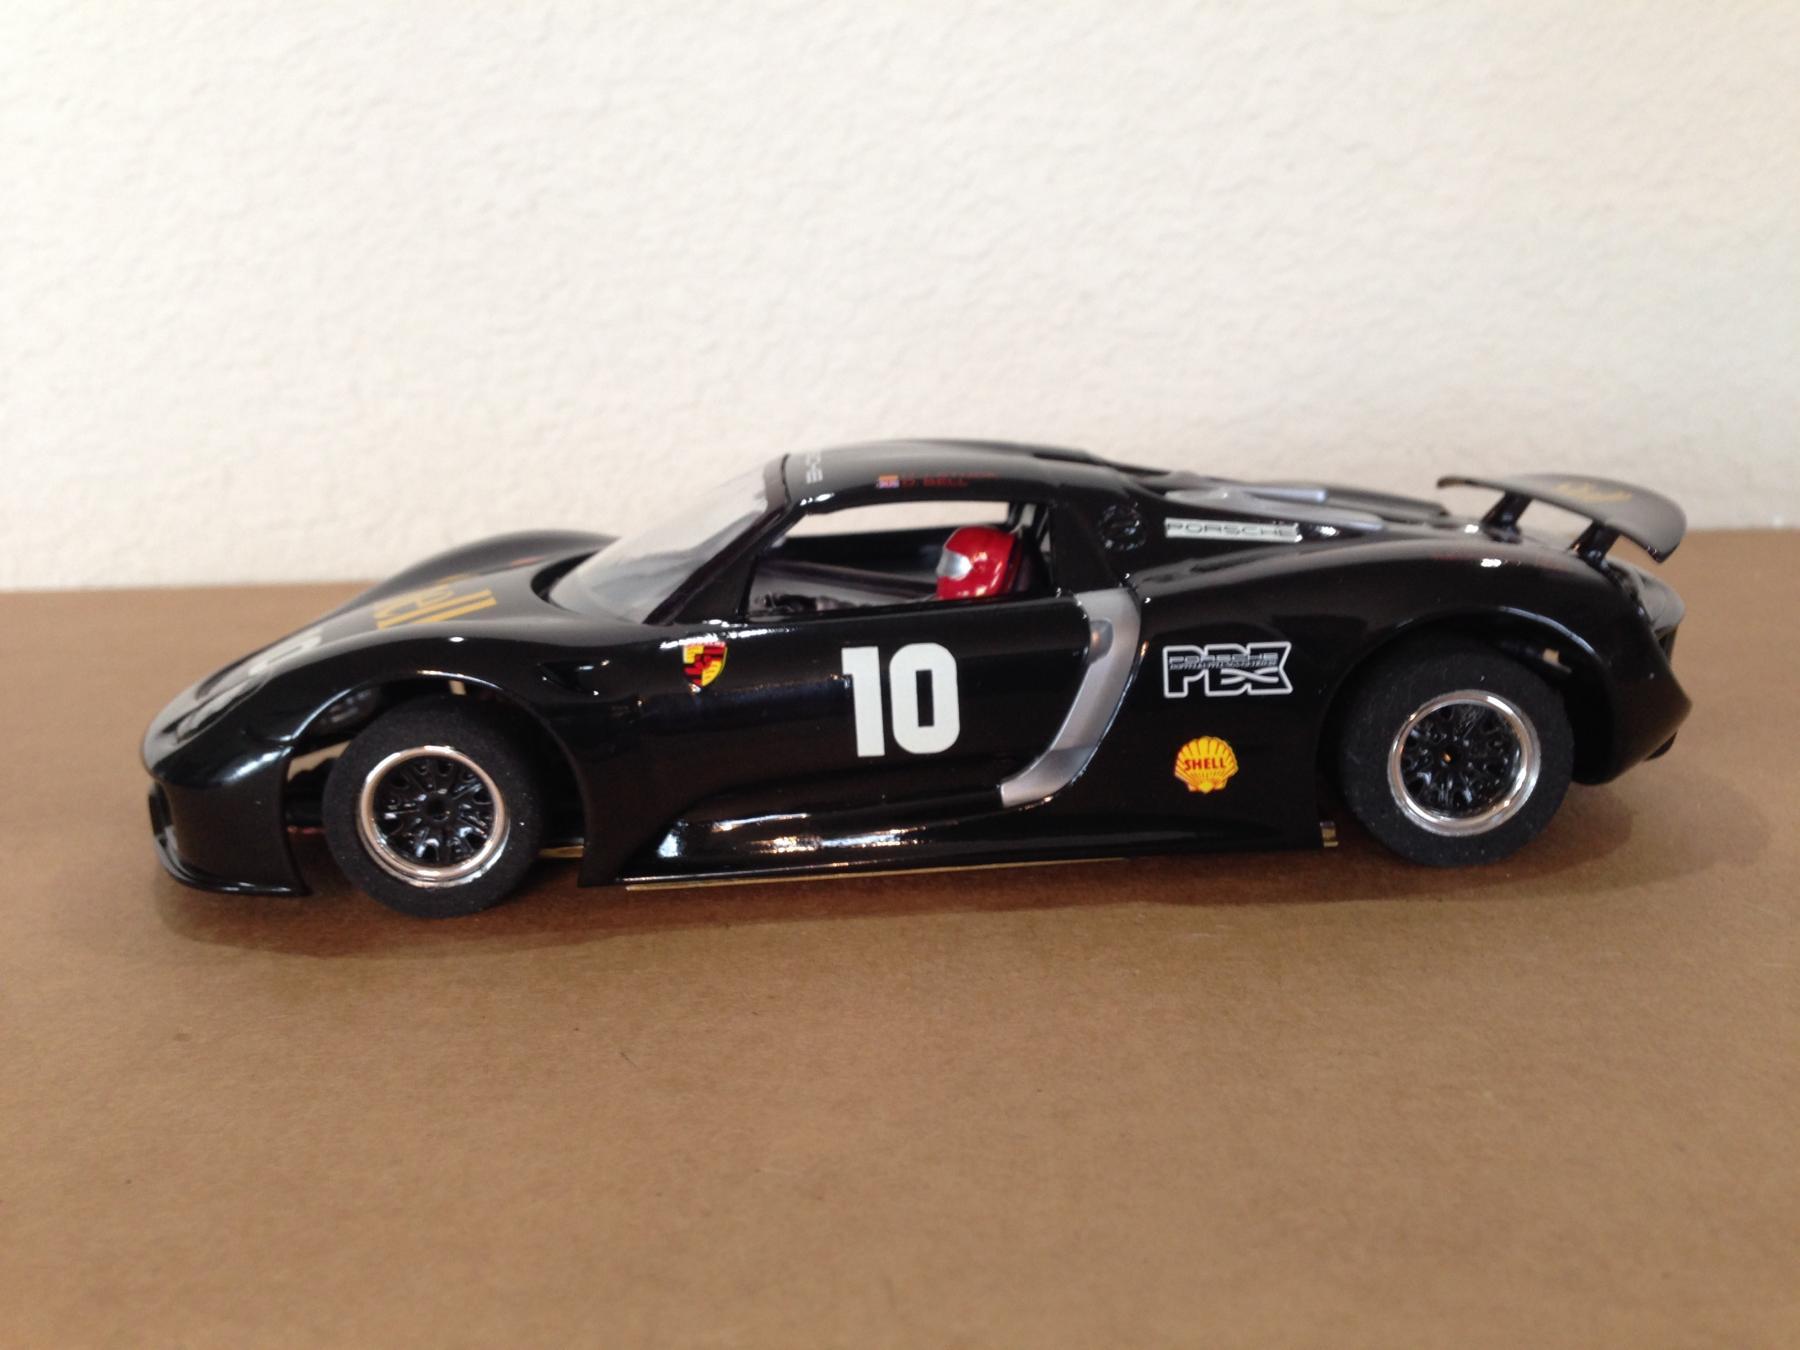 Porsche 918 _1 (1).JPG